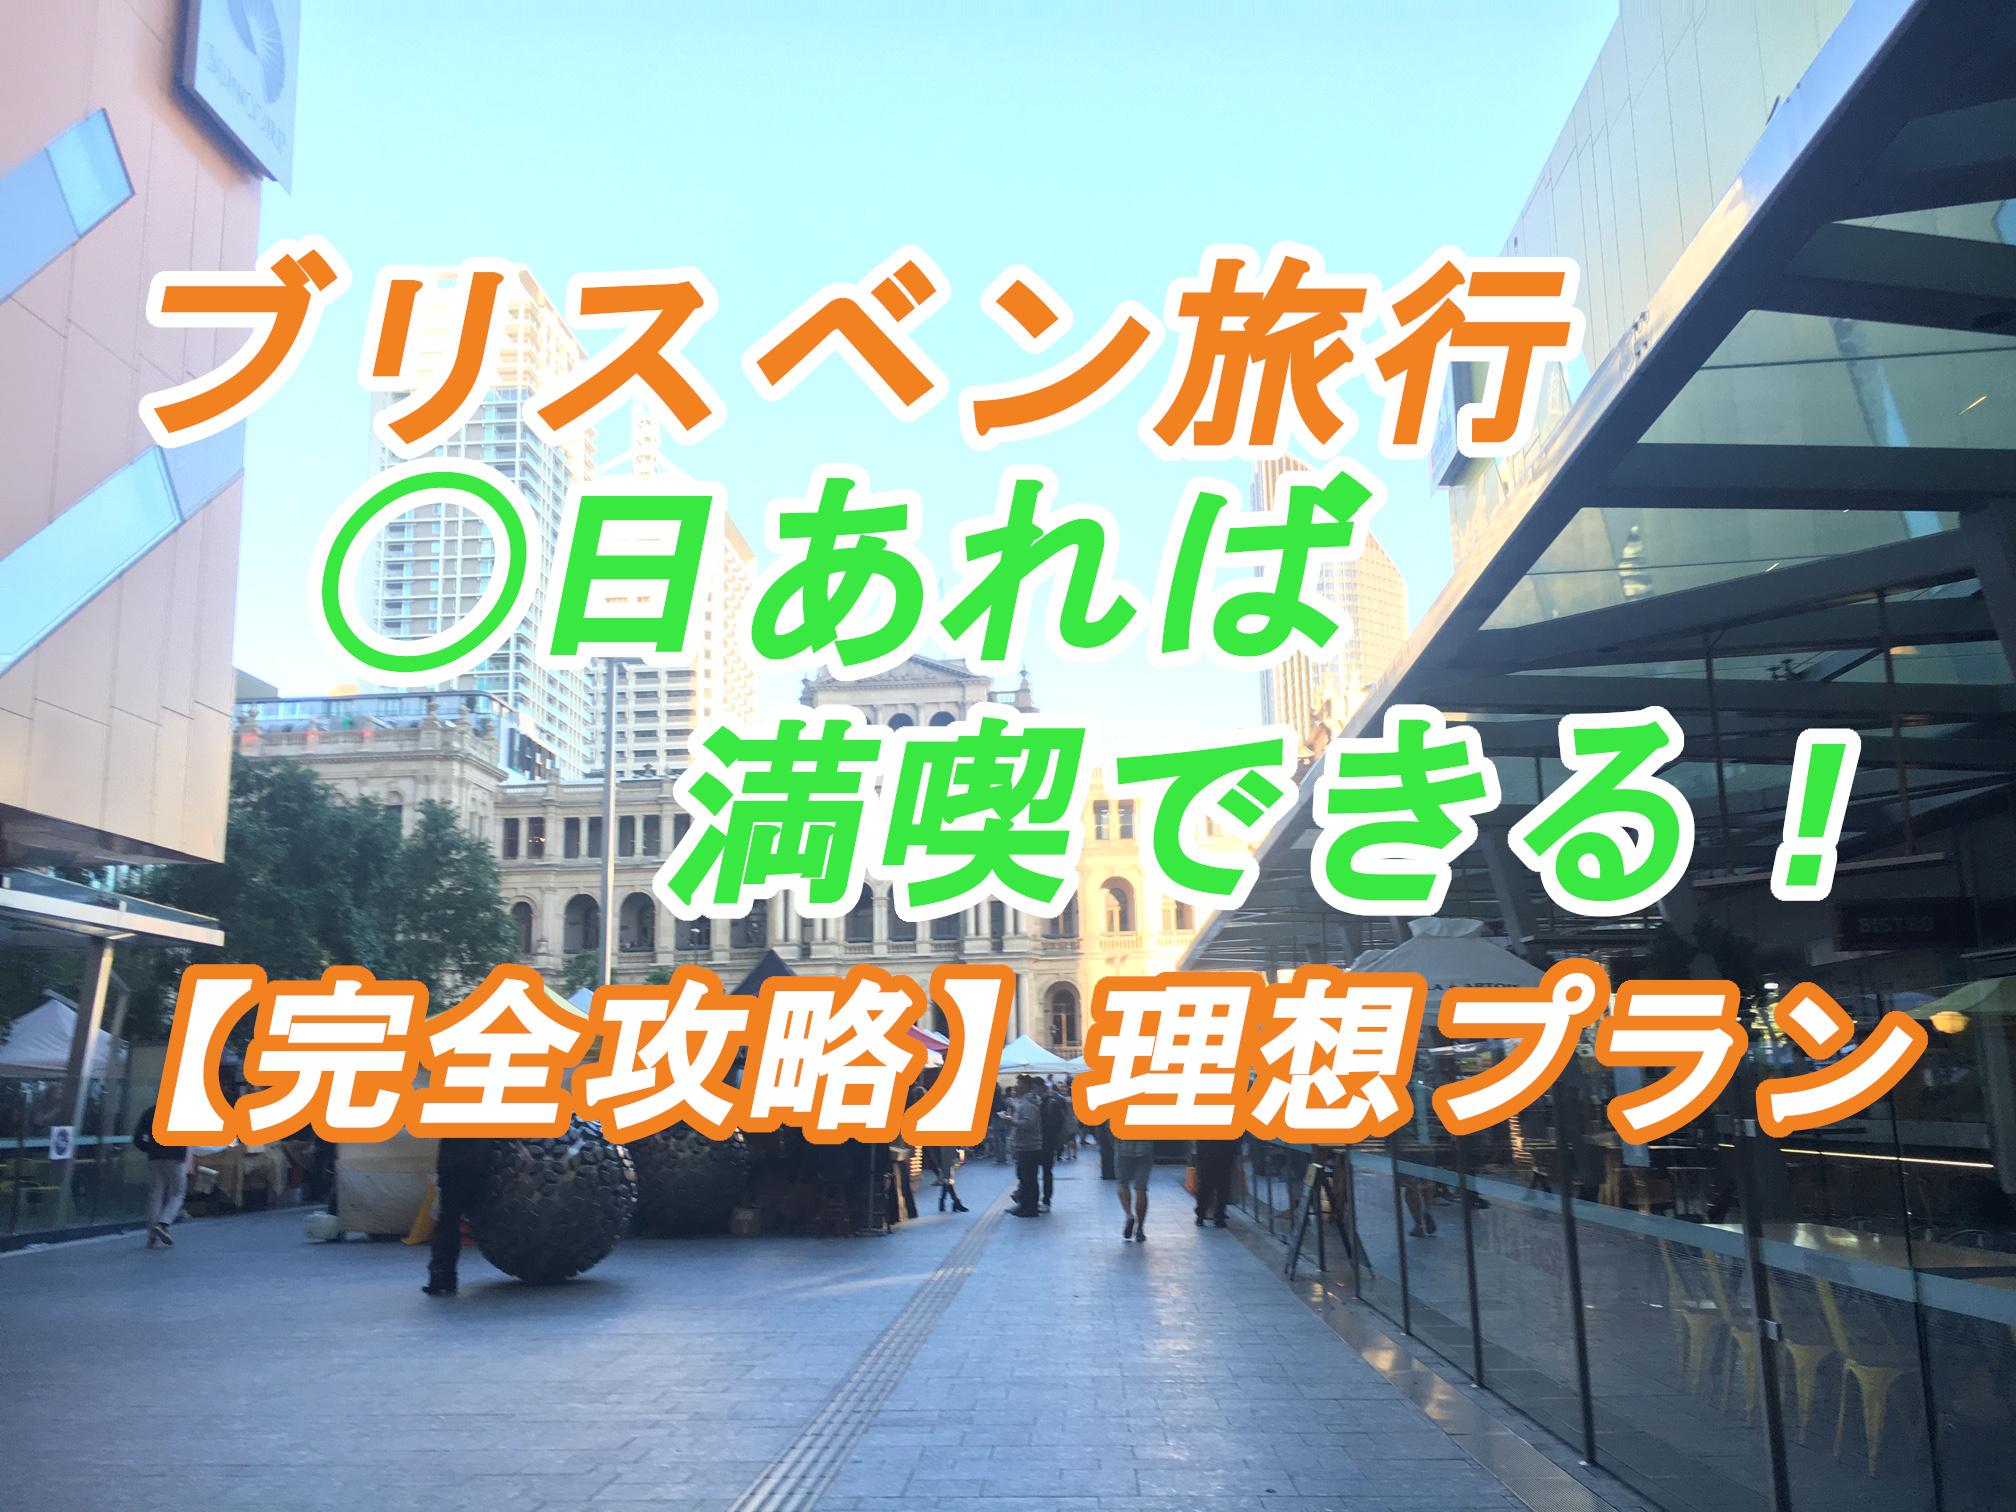 【完全攻略】ブリスベン旅行理想プラン紹介